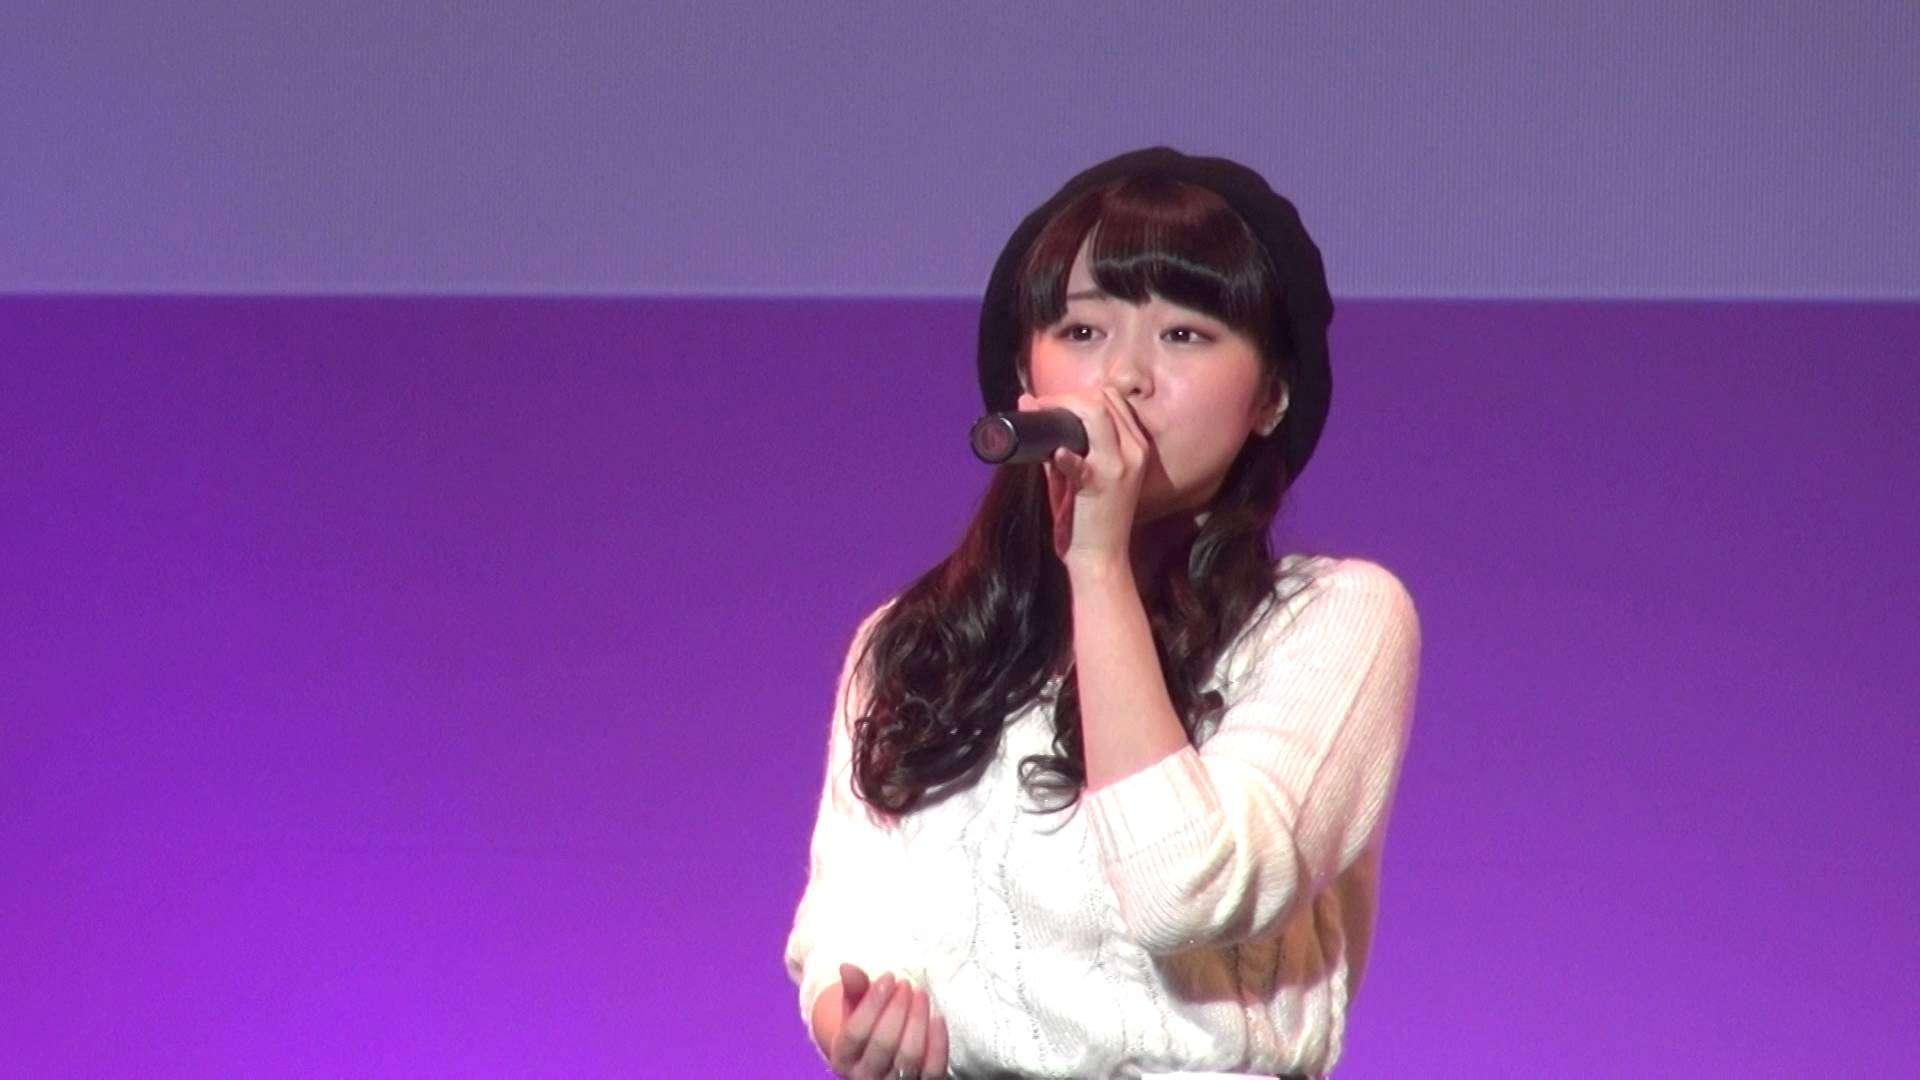 今泉佑唯 「メリクリ」 2014/11/16 TOKYO GIRLS☆CHALLENGE Vol.3 - YouTube